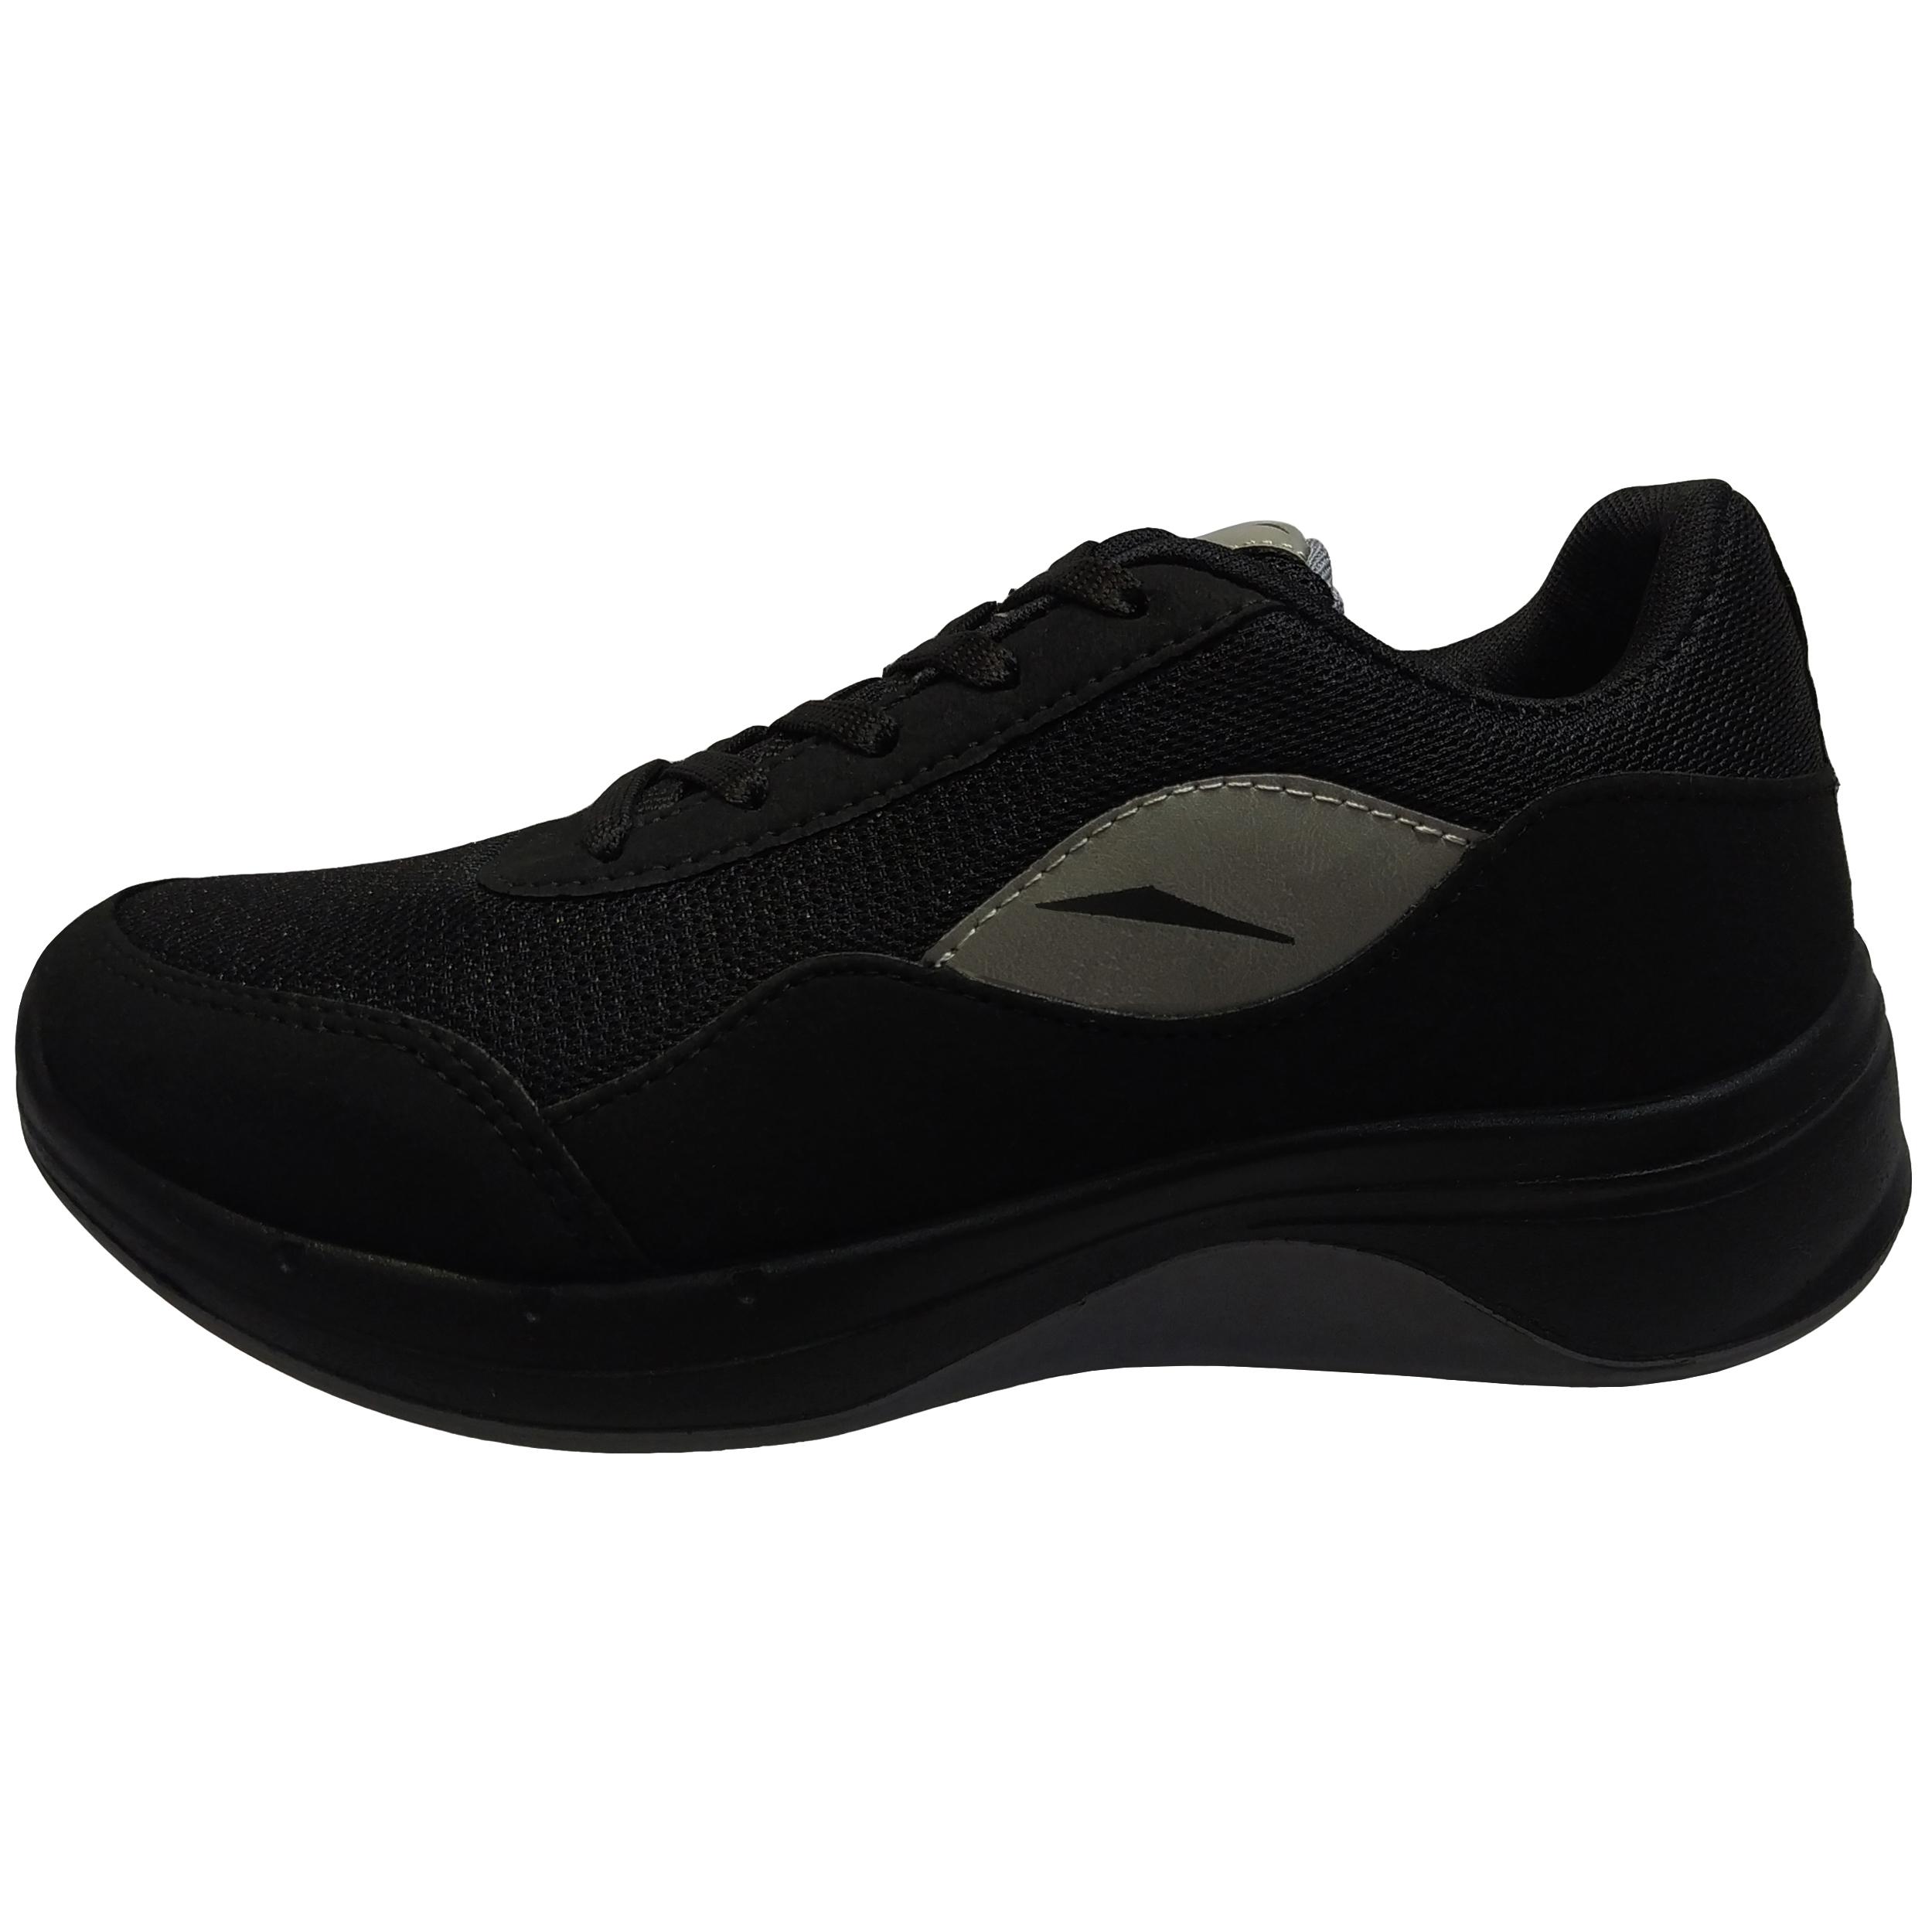 کفش راحتی مدل پدیده پاسارگاد رنگ مشکی